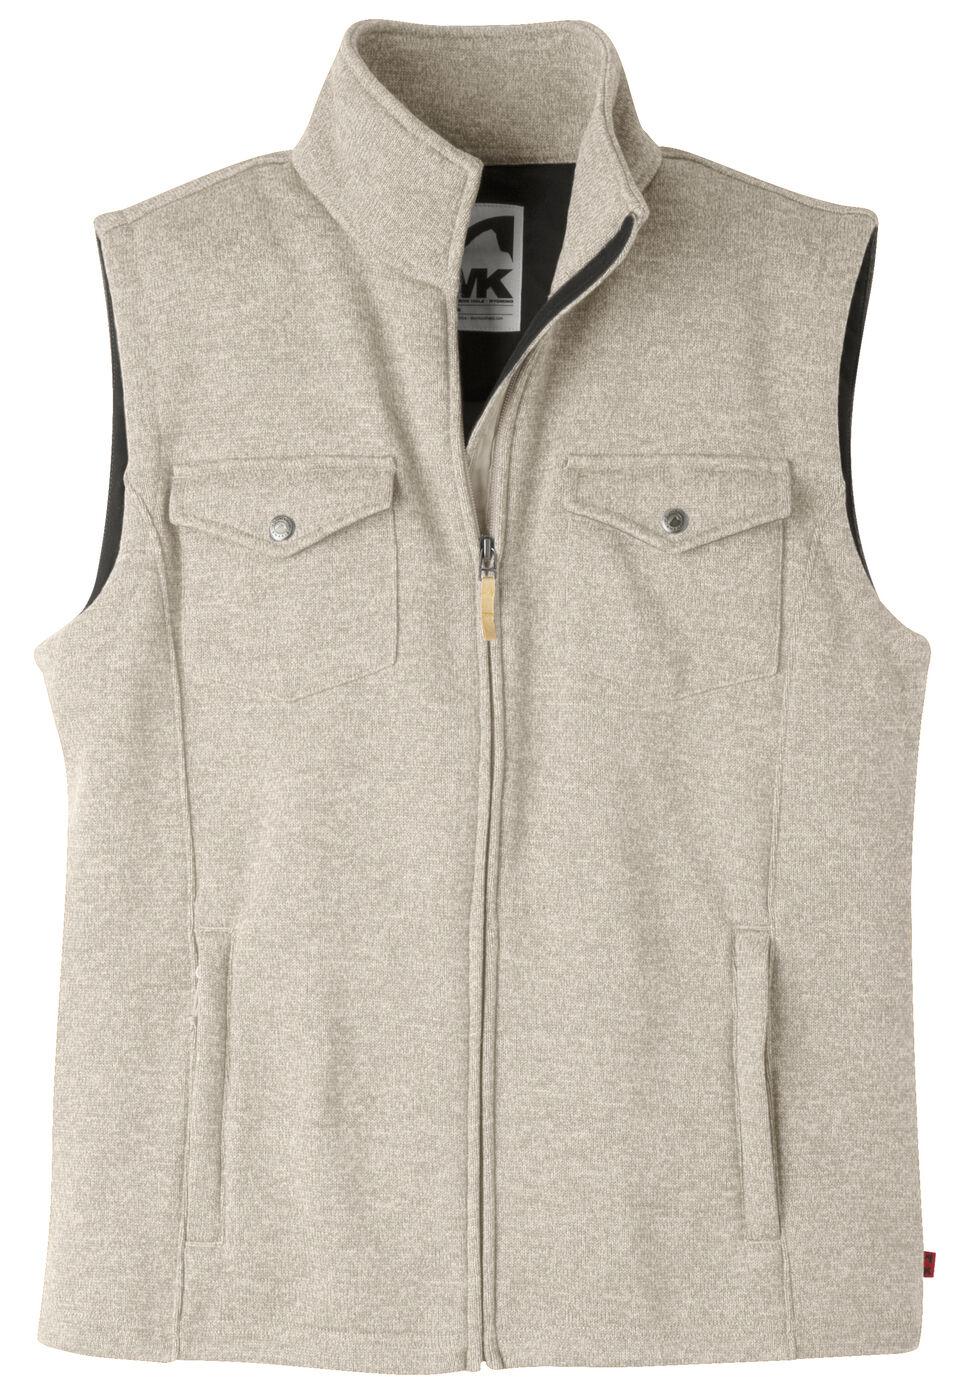 Mountain Khakis Men's Oatmeal Old Faithful Vest, Oatmeal, hi-res